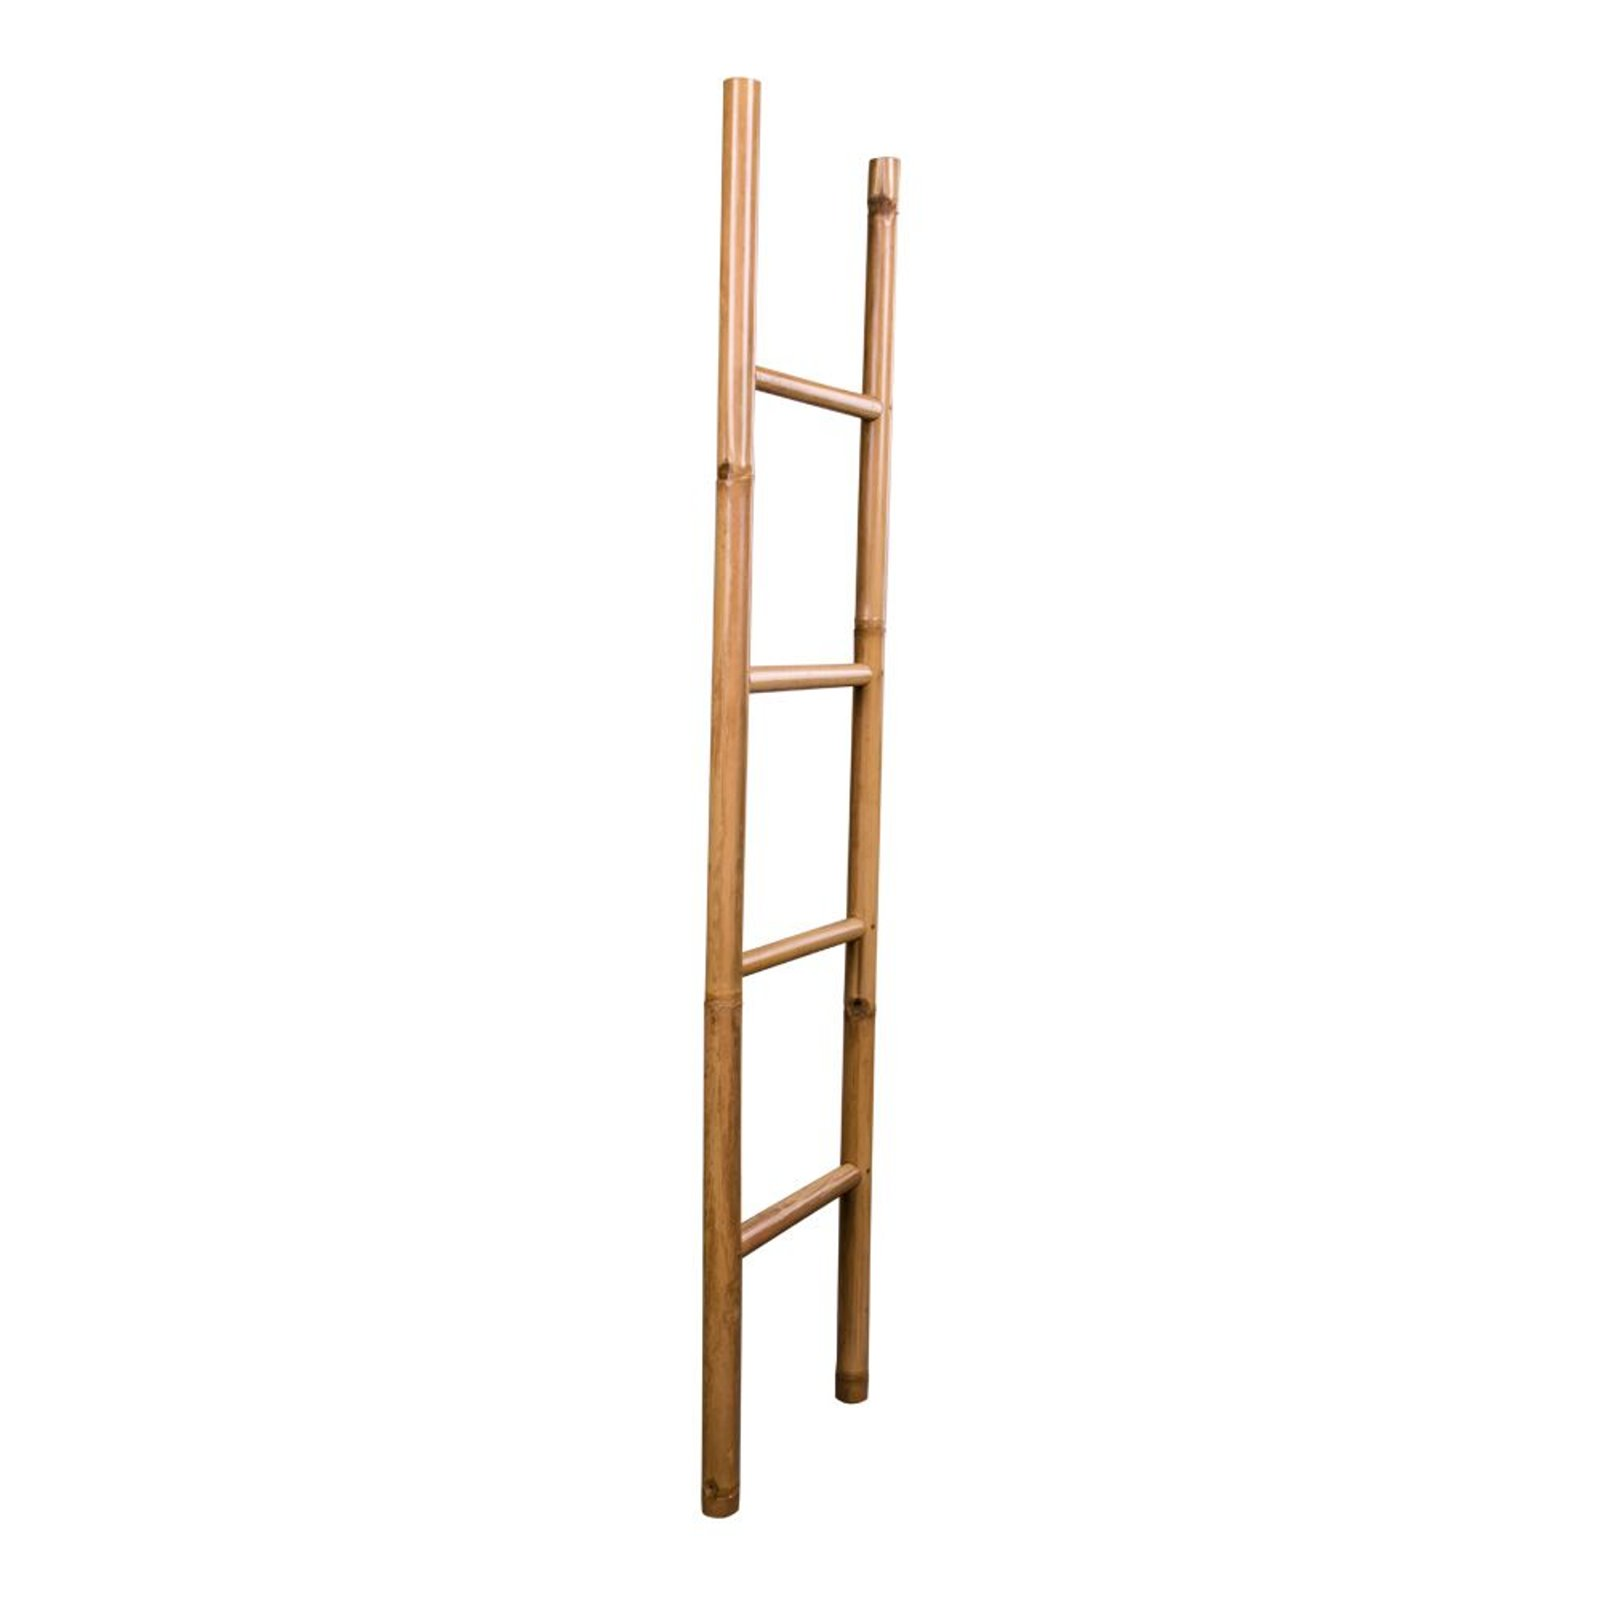 pkline bambusleiter brown natur 150 cm dekoleiter handtuchhalter bad bambus m bel wohnen. Black Bedroom Furniture Sets. Home Design Ideas